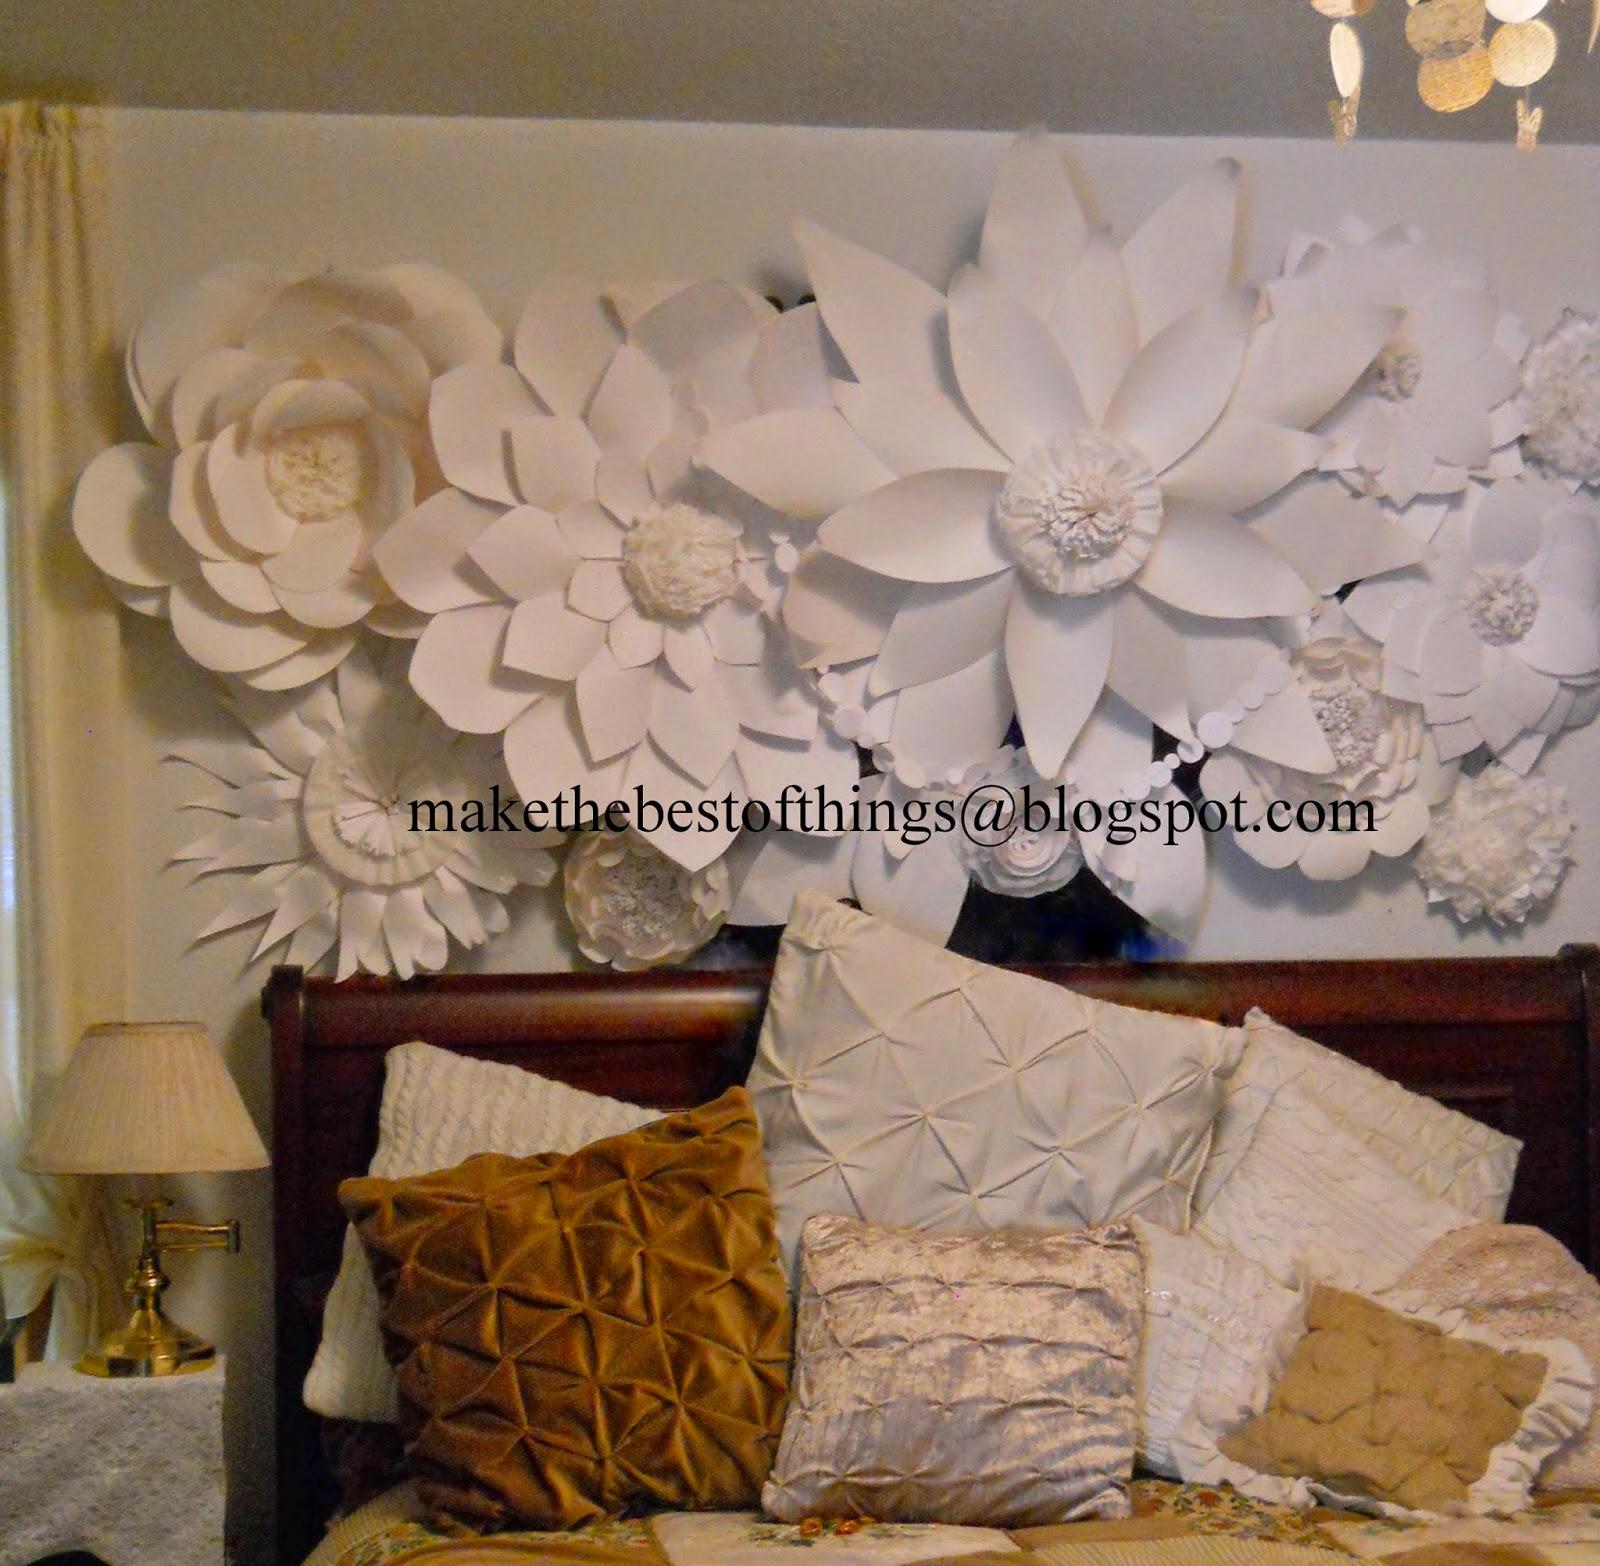 Make The Best Of Things Huge Paper Flowers In My Master Bedroom